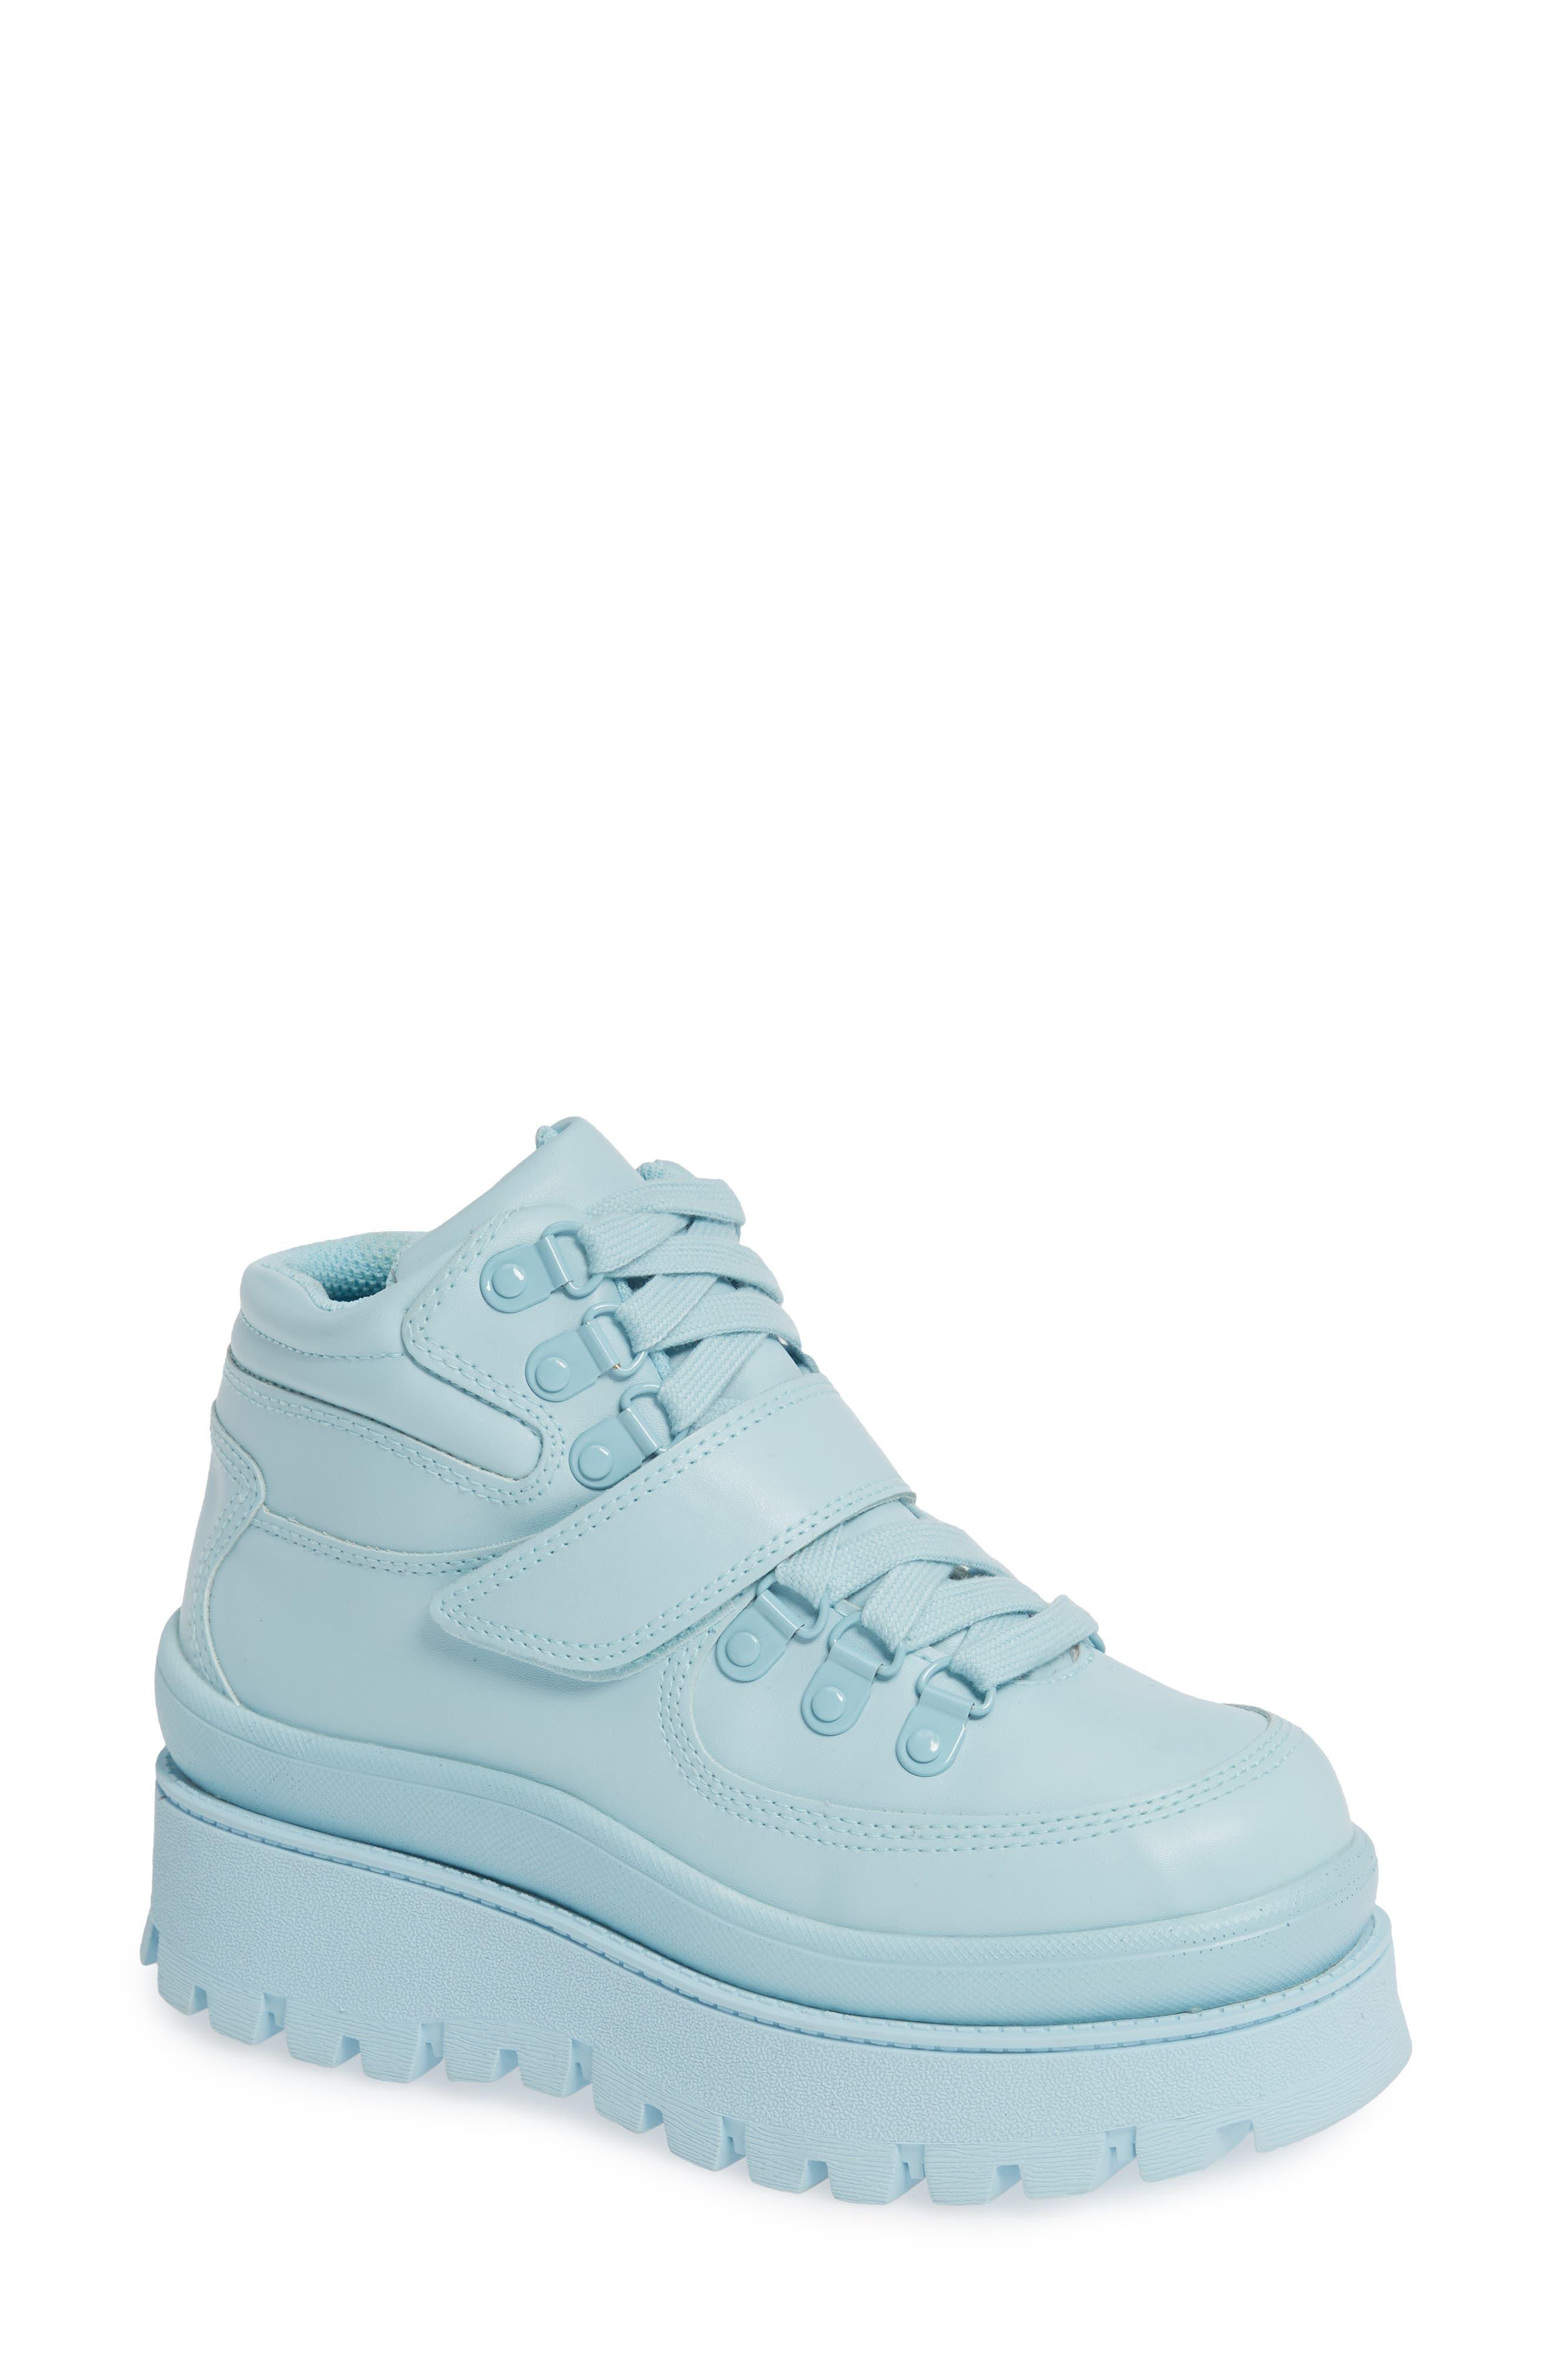 JEFFREY CAMPBELL Top Peak 2 Platform Sneaker, Main, color, BLUE FAUX LEATHER